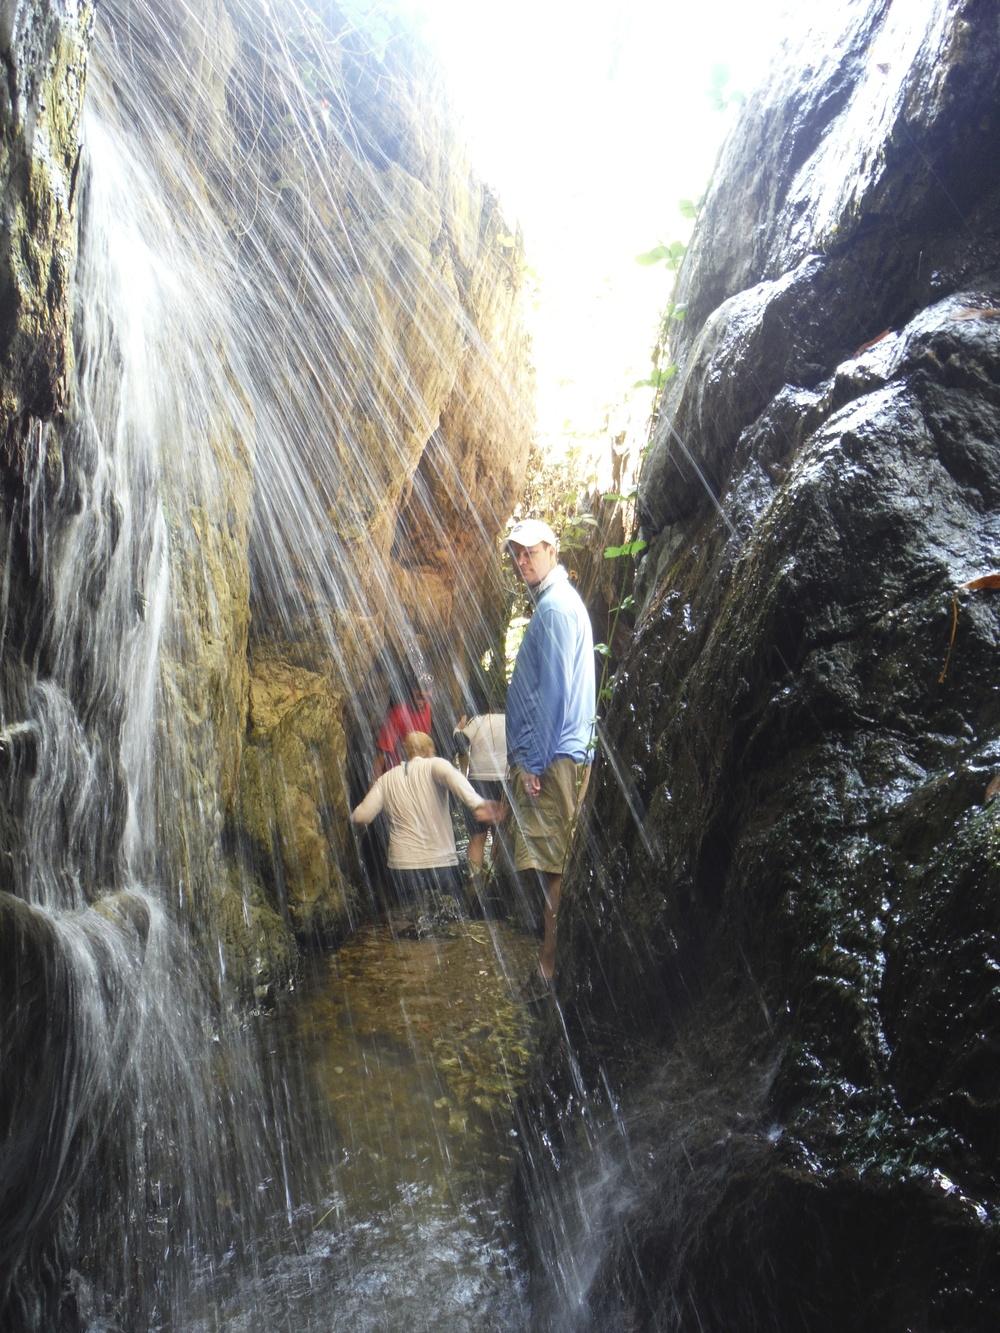 Dardanelle's Creek